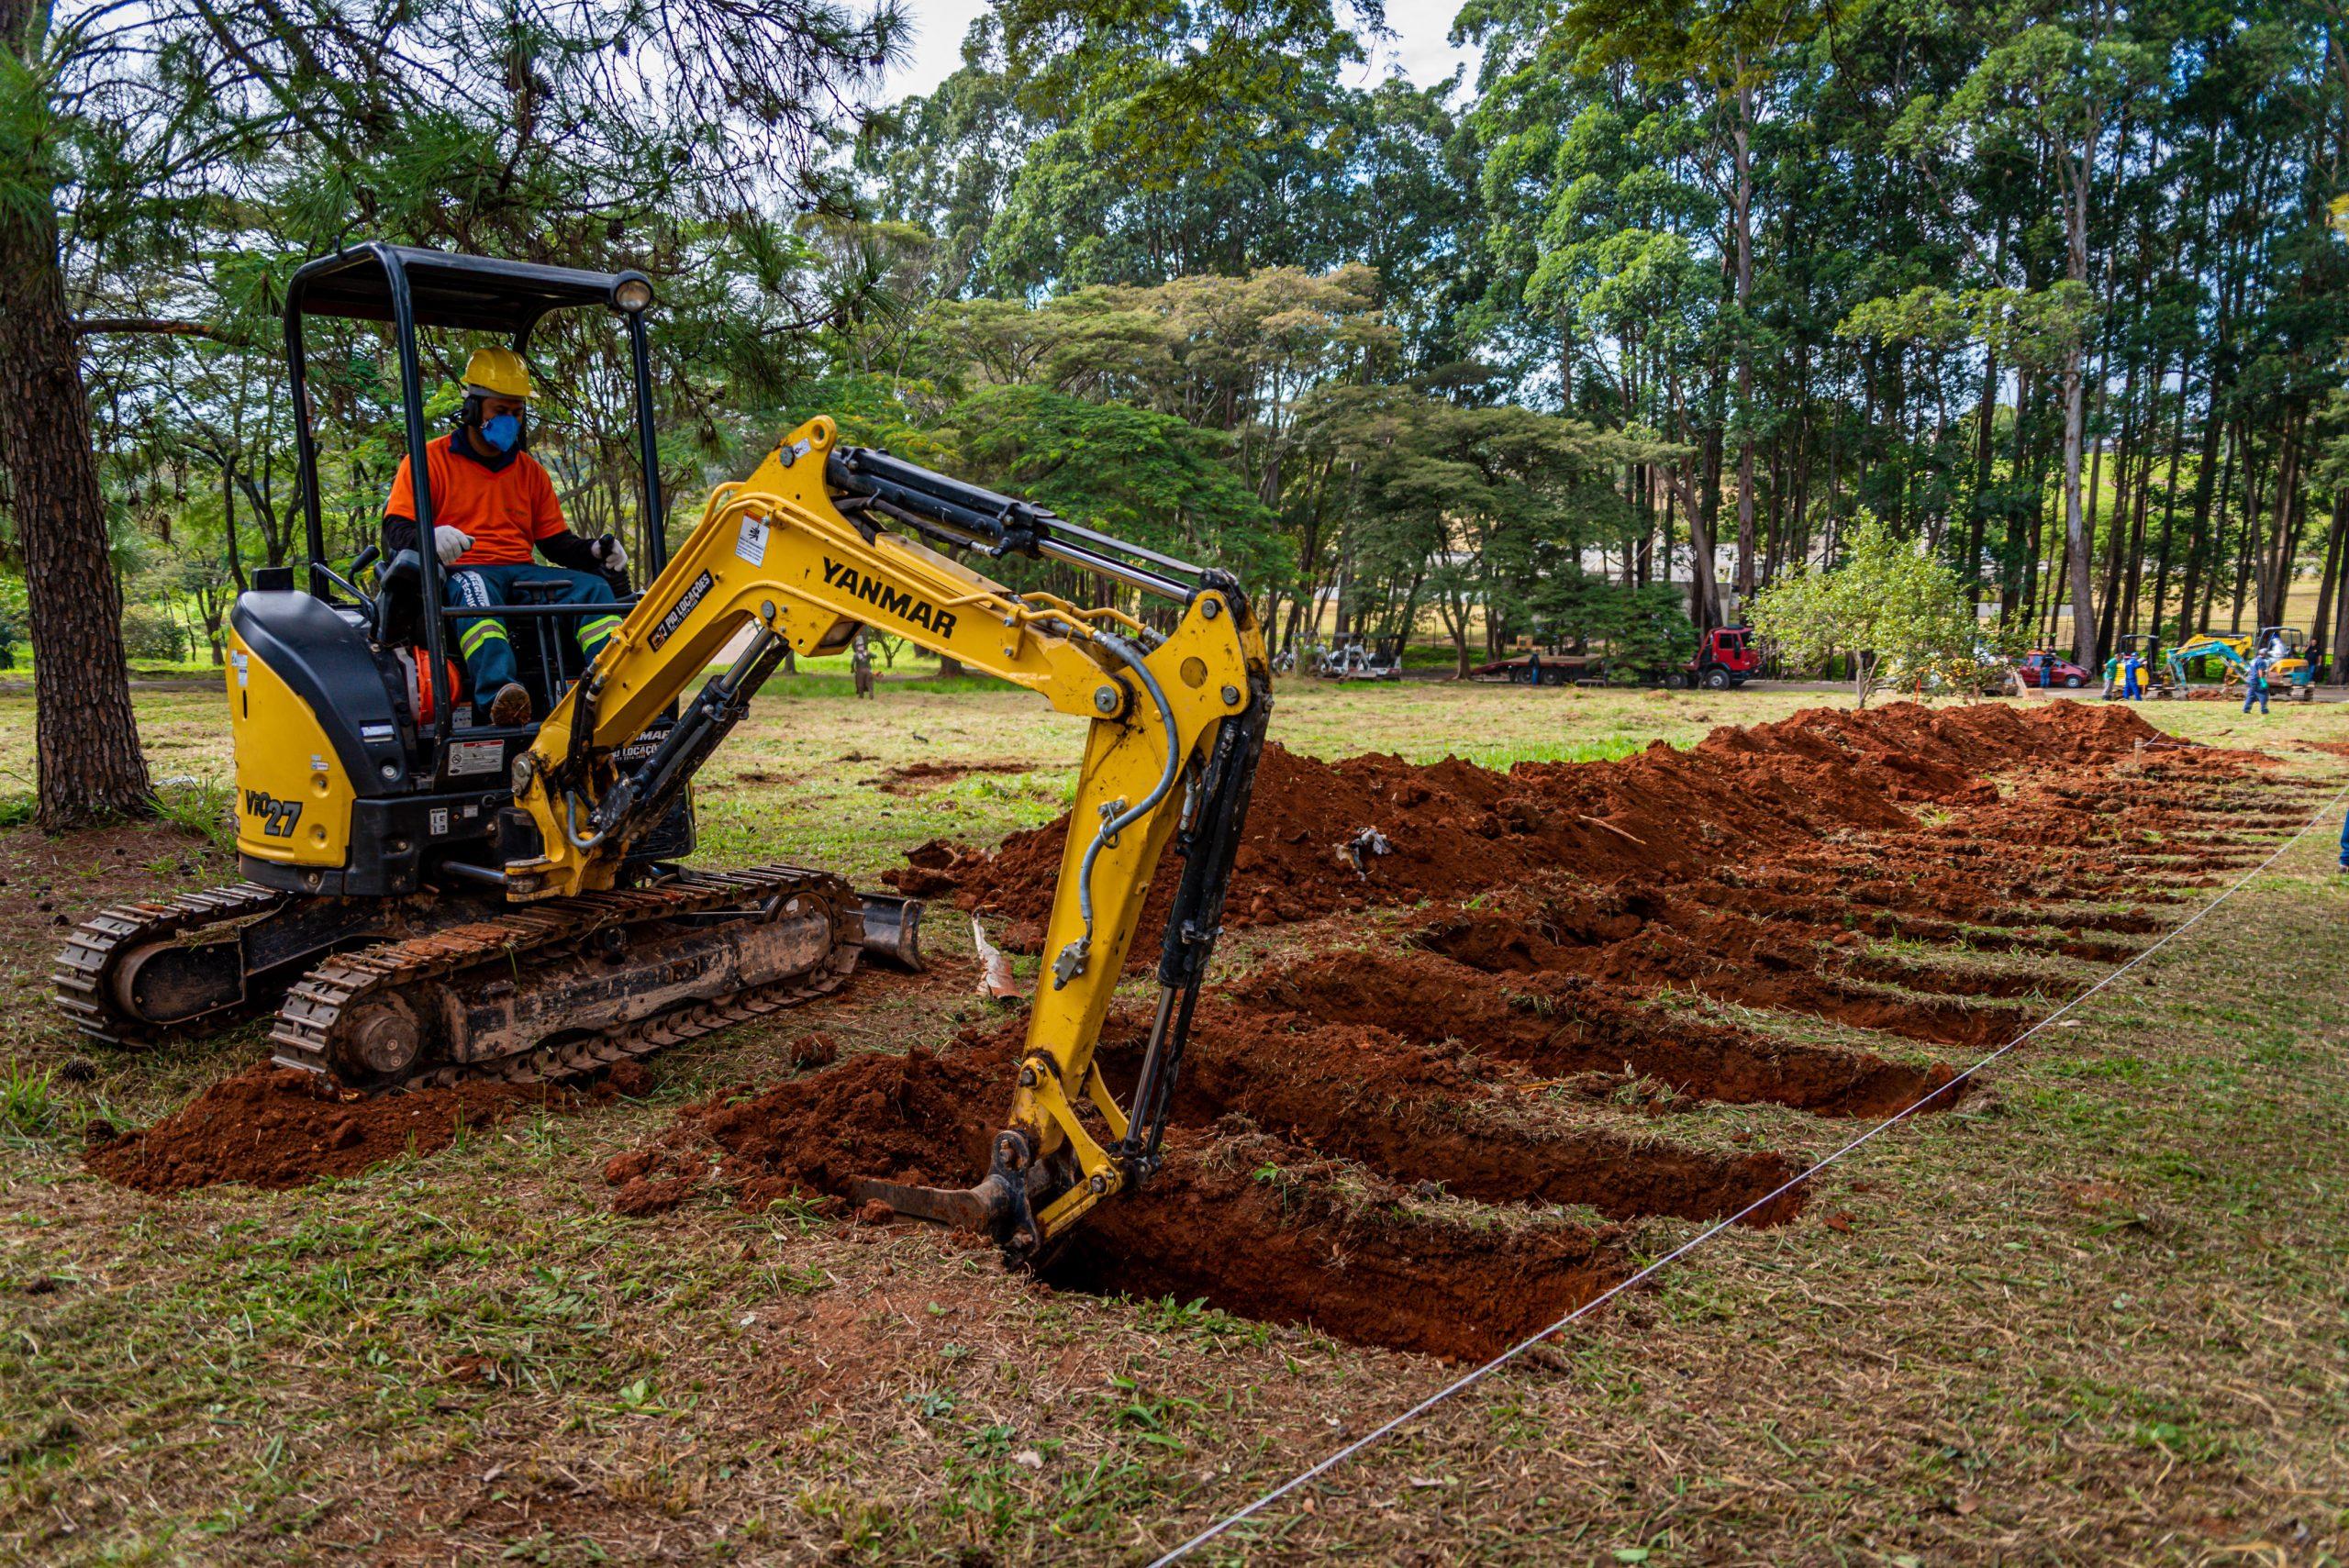 Covas abertas por máquinas no cemitério da Vila Formosa na Zona Leste de São Paulo, neste sábado (18), para receber os sepultamentos decorrentes à Pandemia Covid-19. Foto: Antonio Molina/FotoArena/Estadão Conteúdo